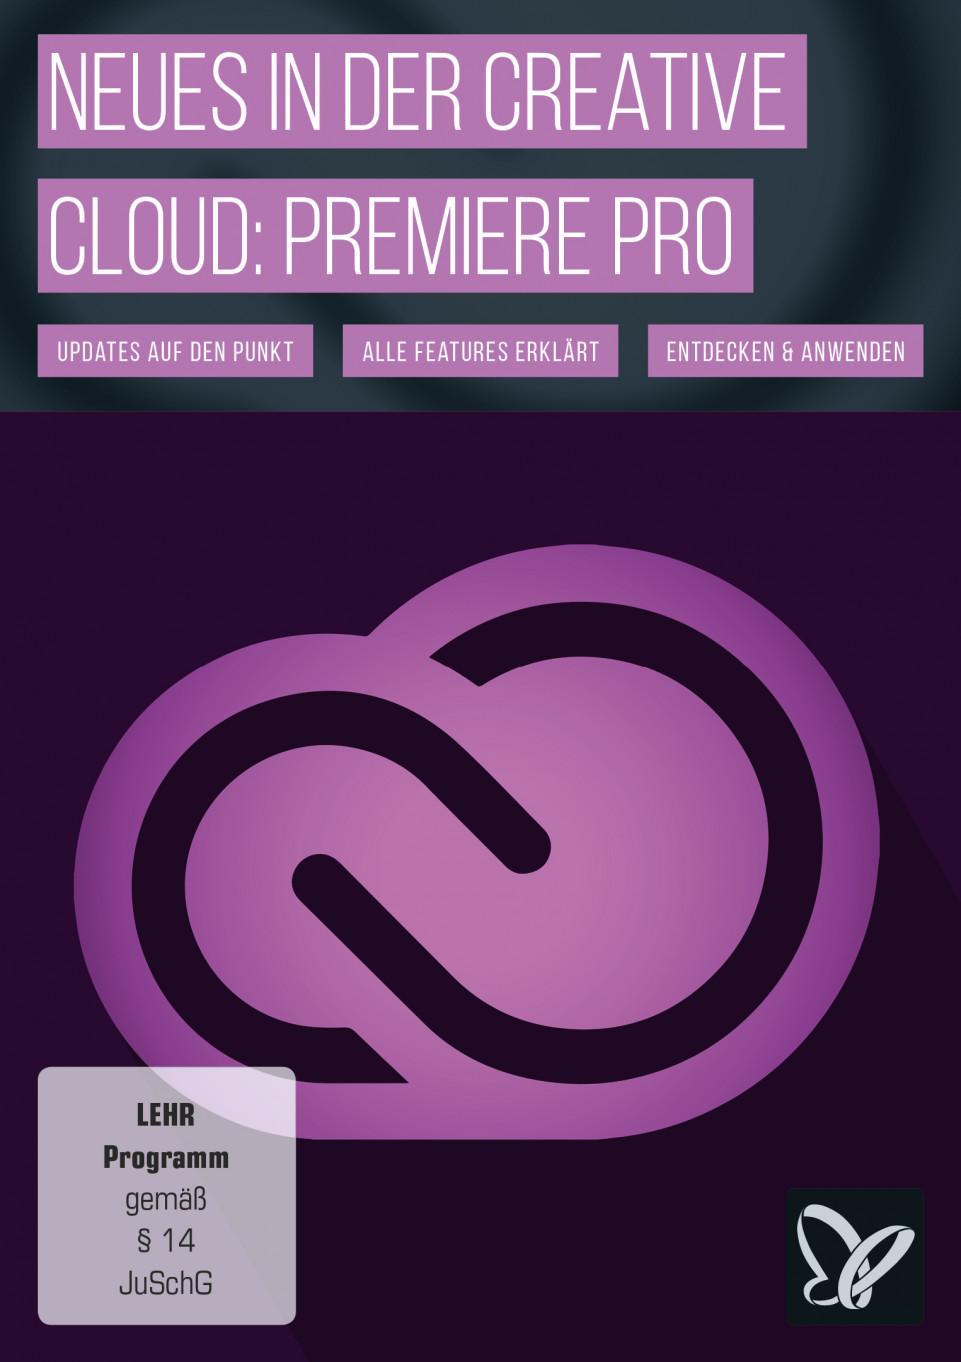 Neues in der Creative Cloud: Dein Premiere Pro Update